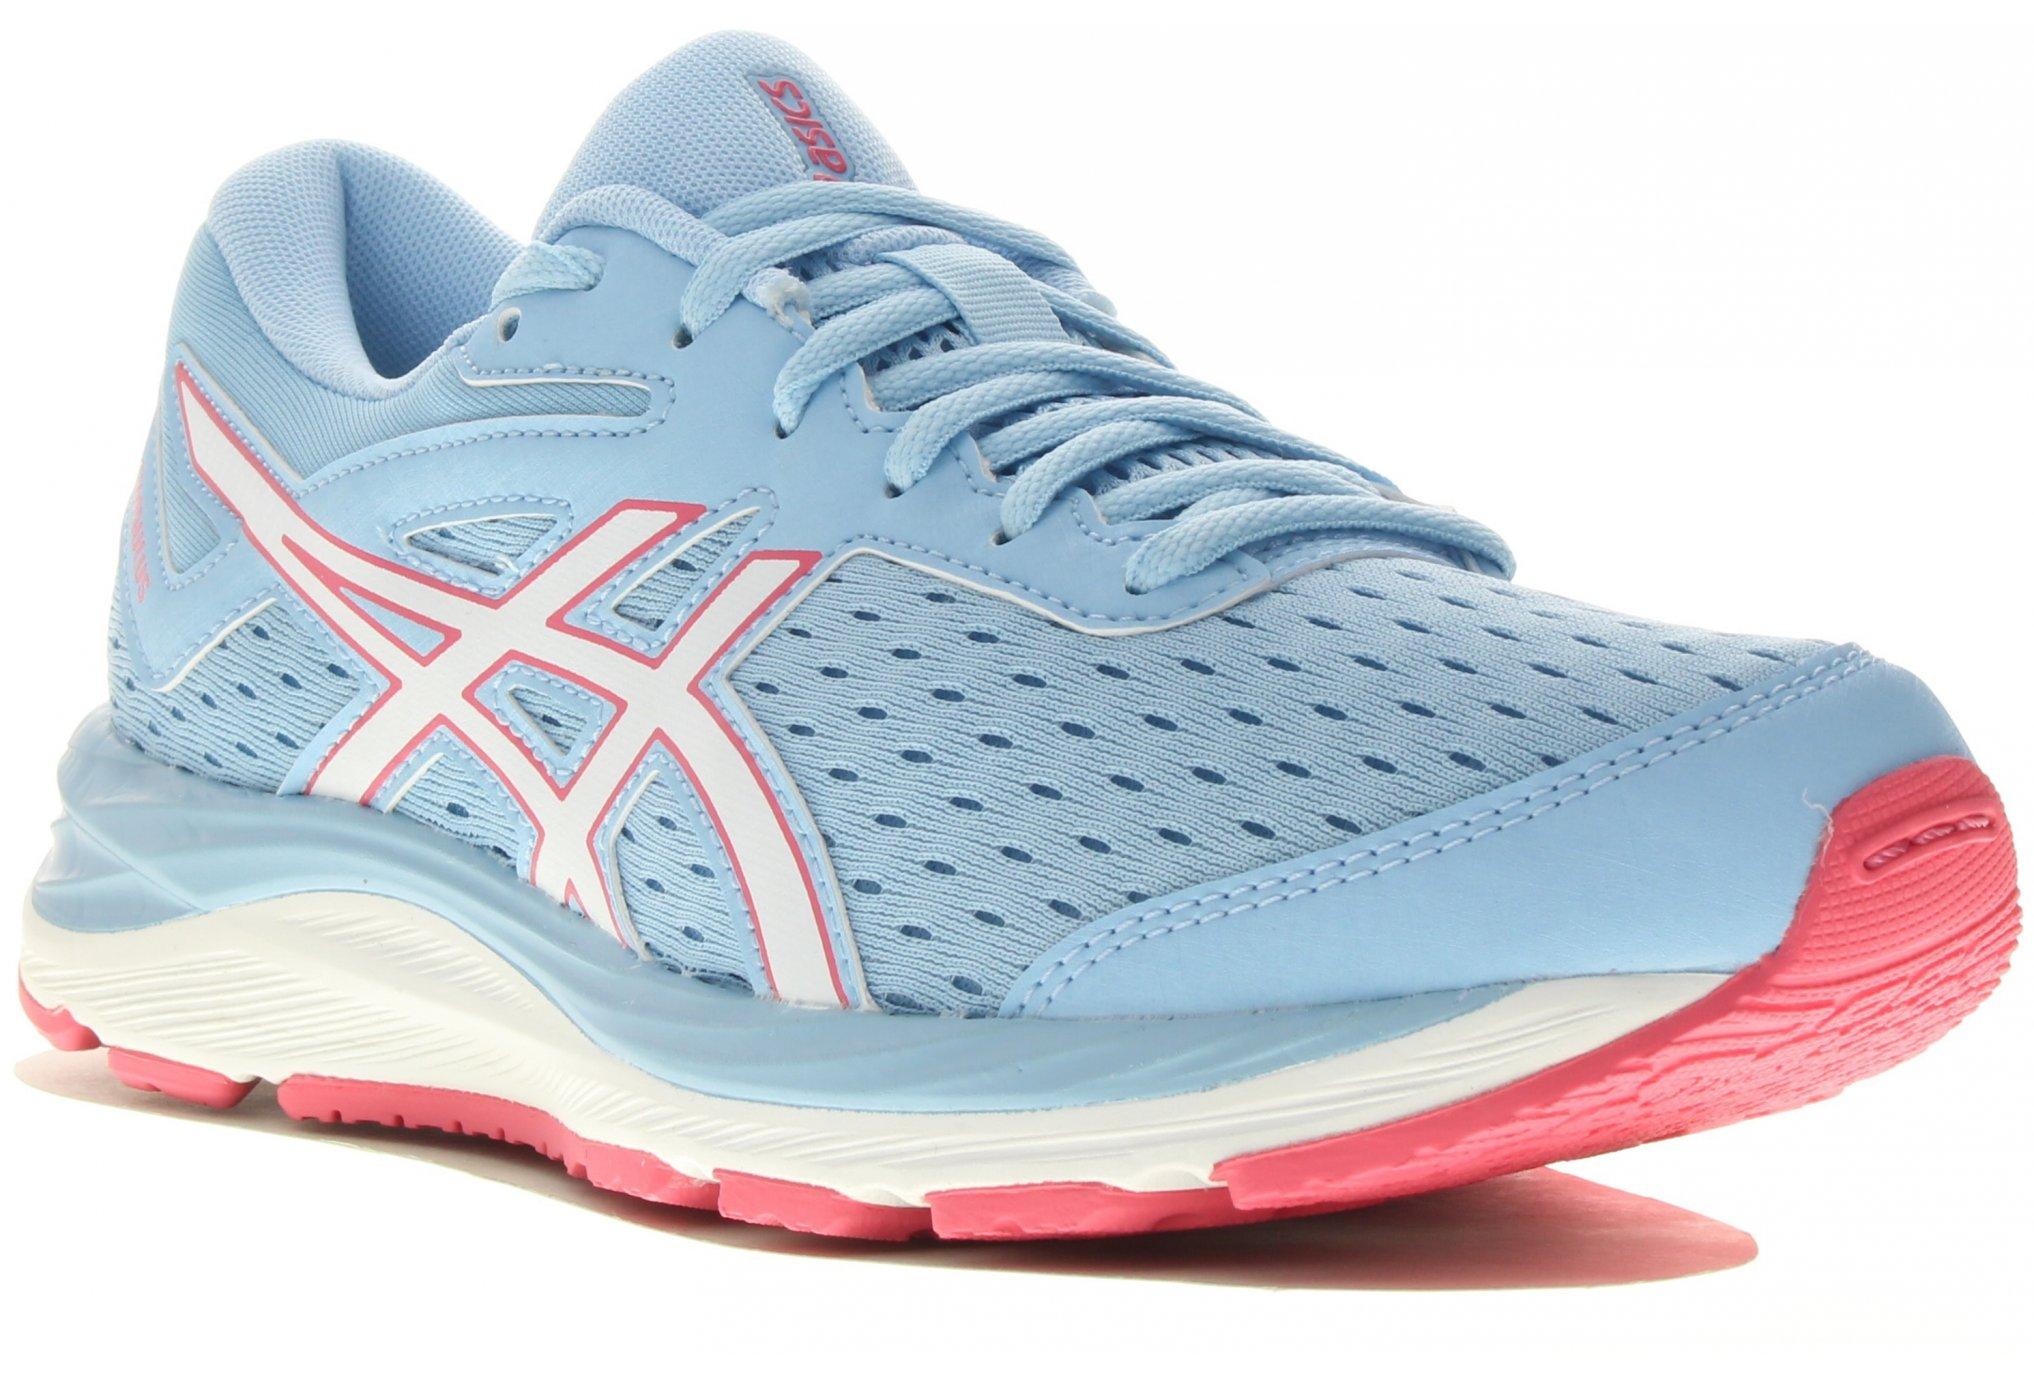 Asics Gel-Cumulus 20 GS Chaussures running femme